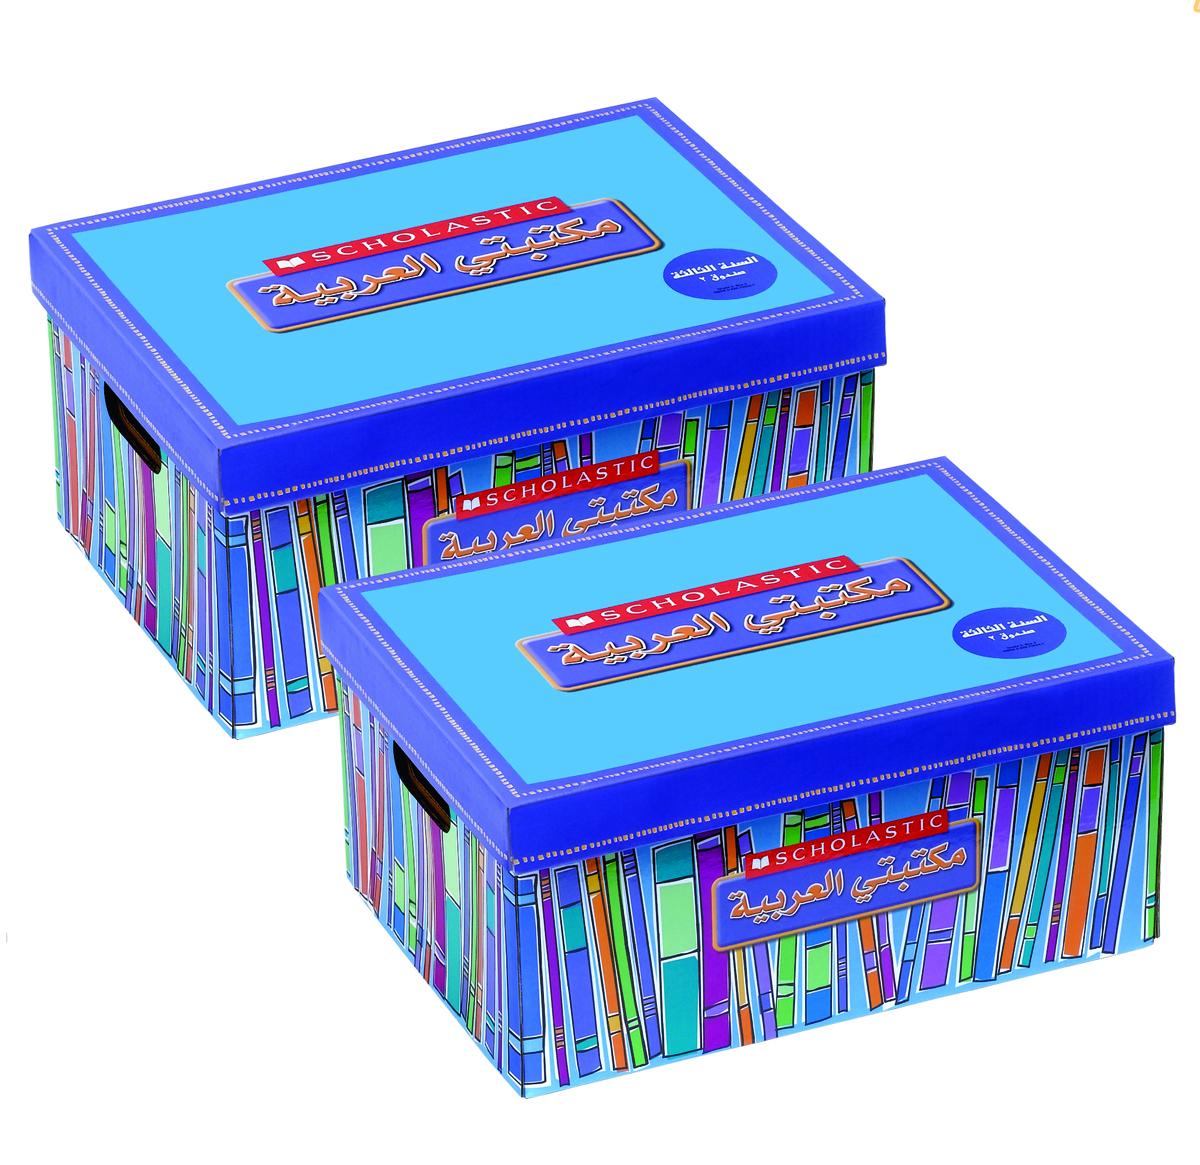 مكتبة السنة الرابعة: صندوق رقم ١ وصندوق رقم ٢